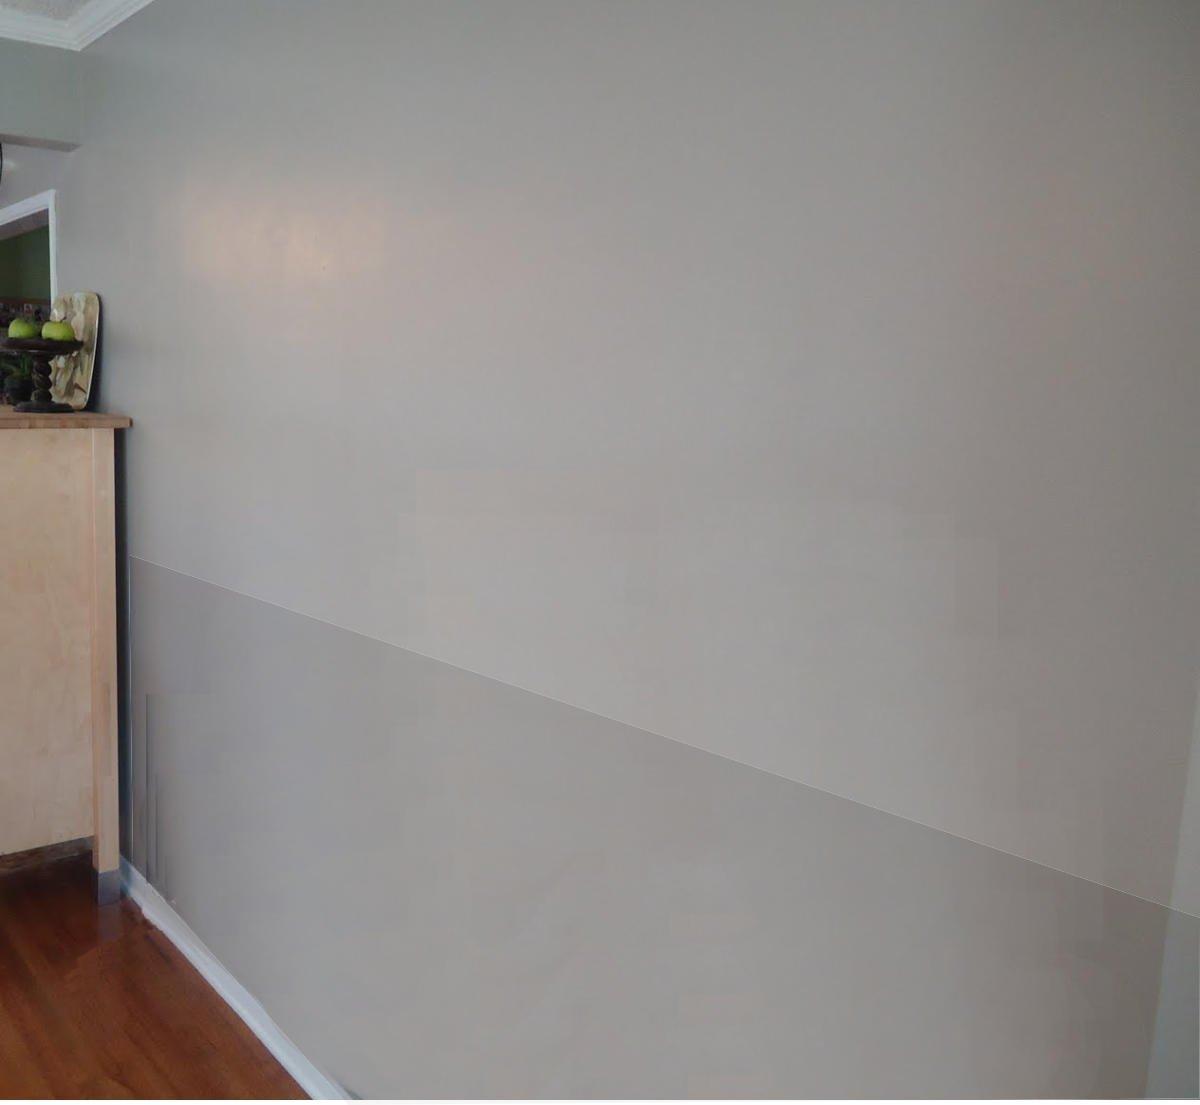 Beliebt Klebefolie Wandschutzfolie matt freie Farbwahl 48 Farben in 4 SR03